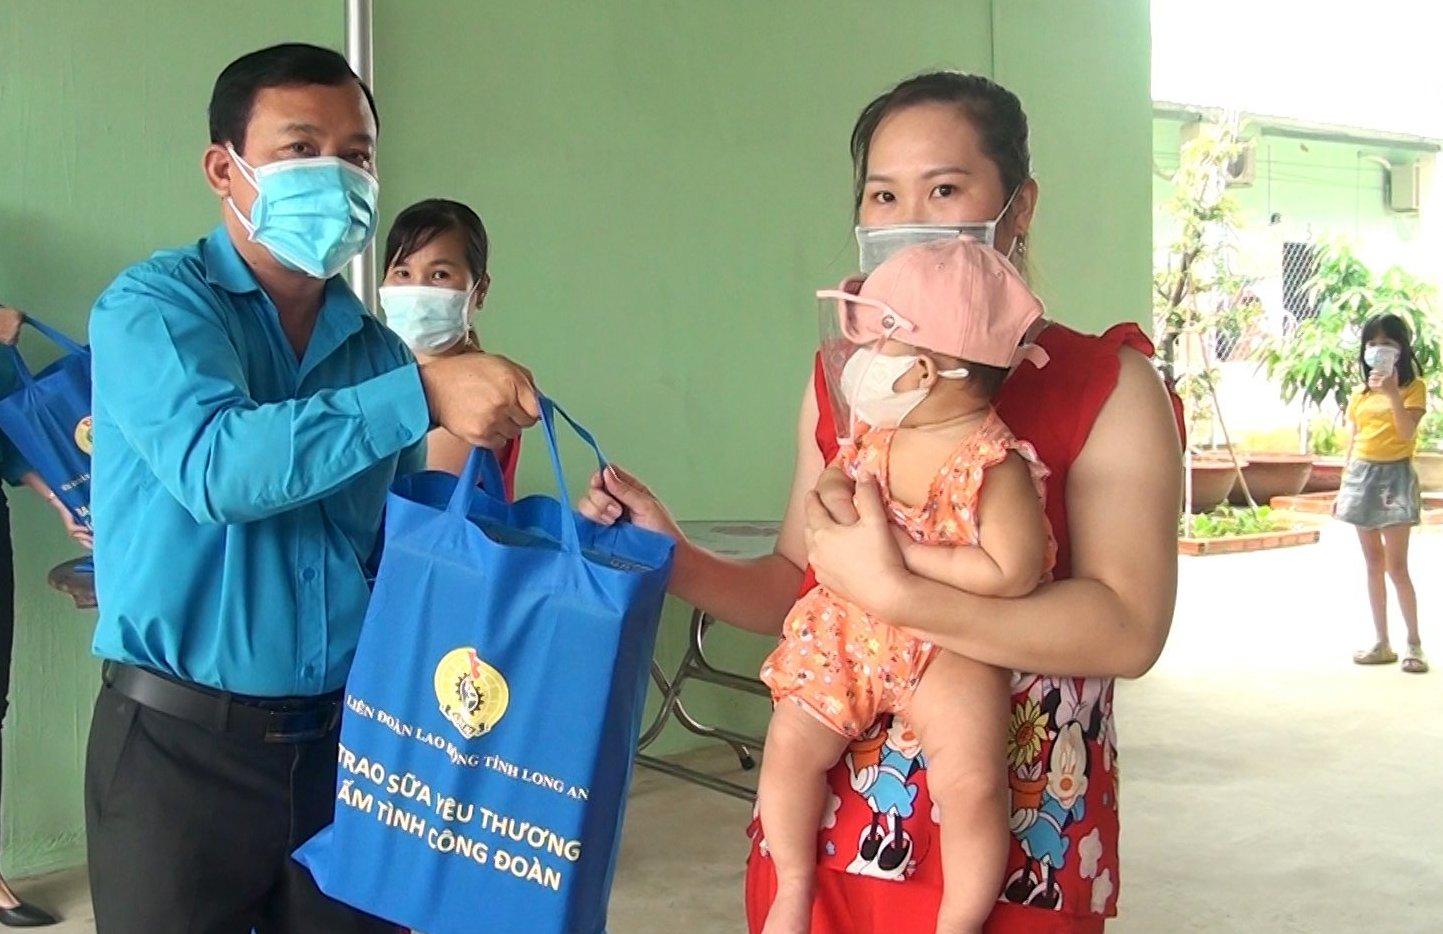 Phó Chủ tịch Thường trực Liên đoàn Lao động tỉnh - Hồ Văn Xuân trao quà cho công nhân, lao động tại huyện Đức Hòa